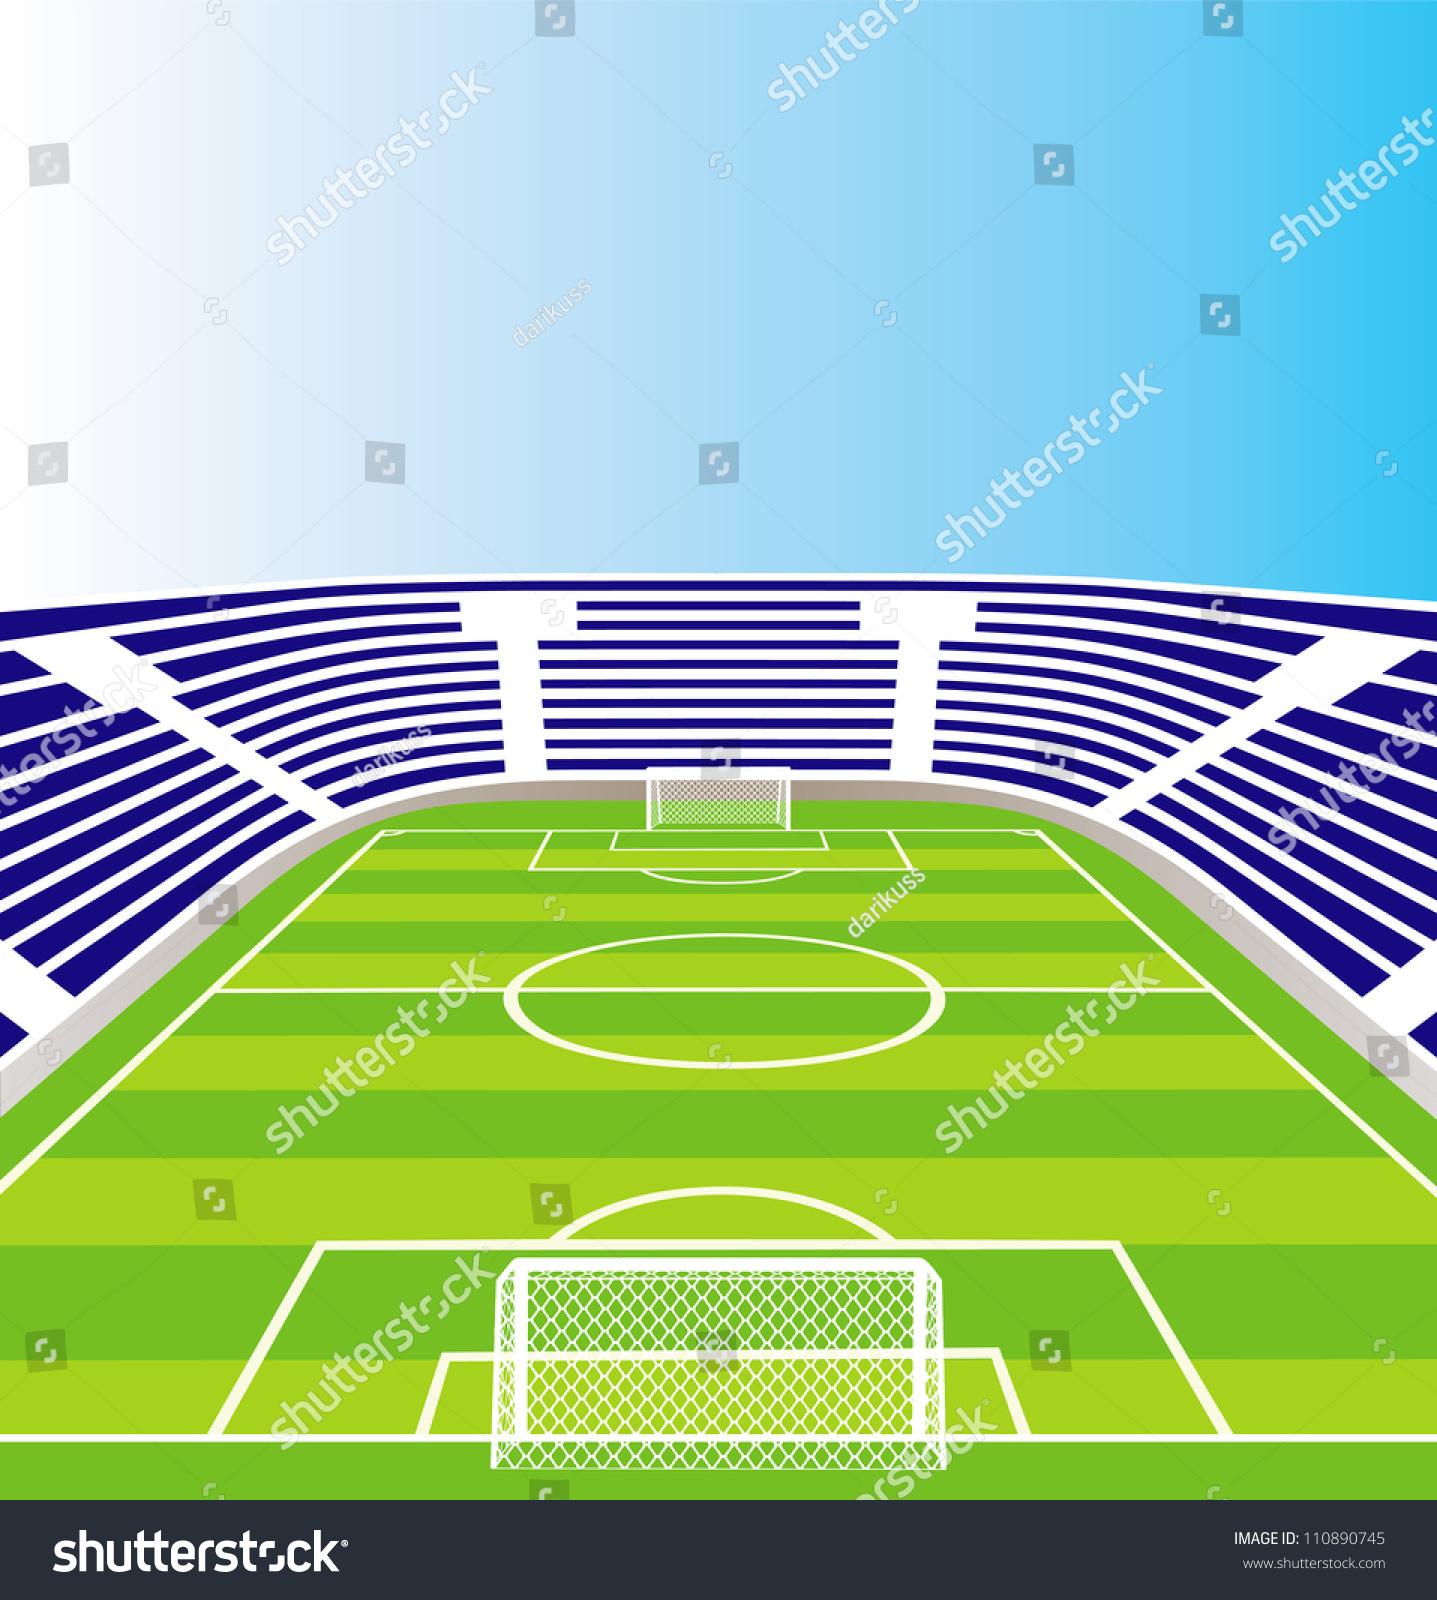 Stadium Lights Svg: Soccer Stadium Stock Vector 110890745